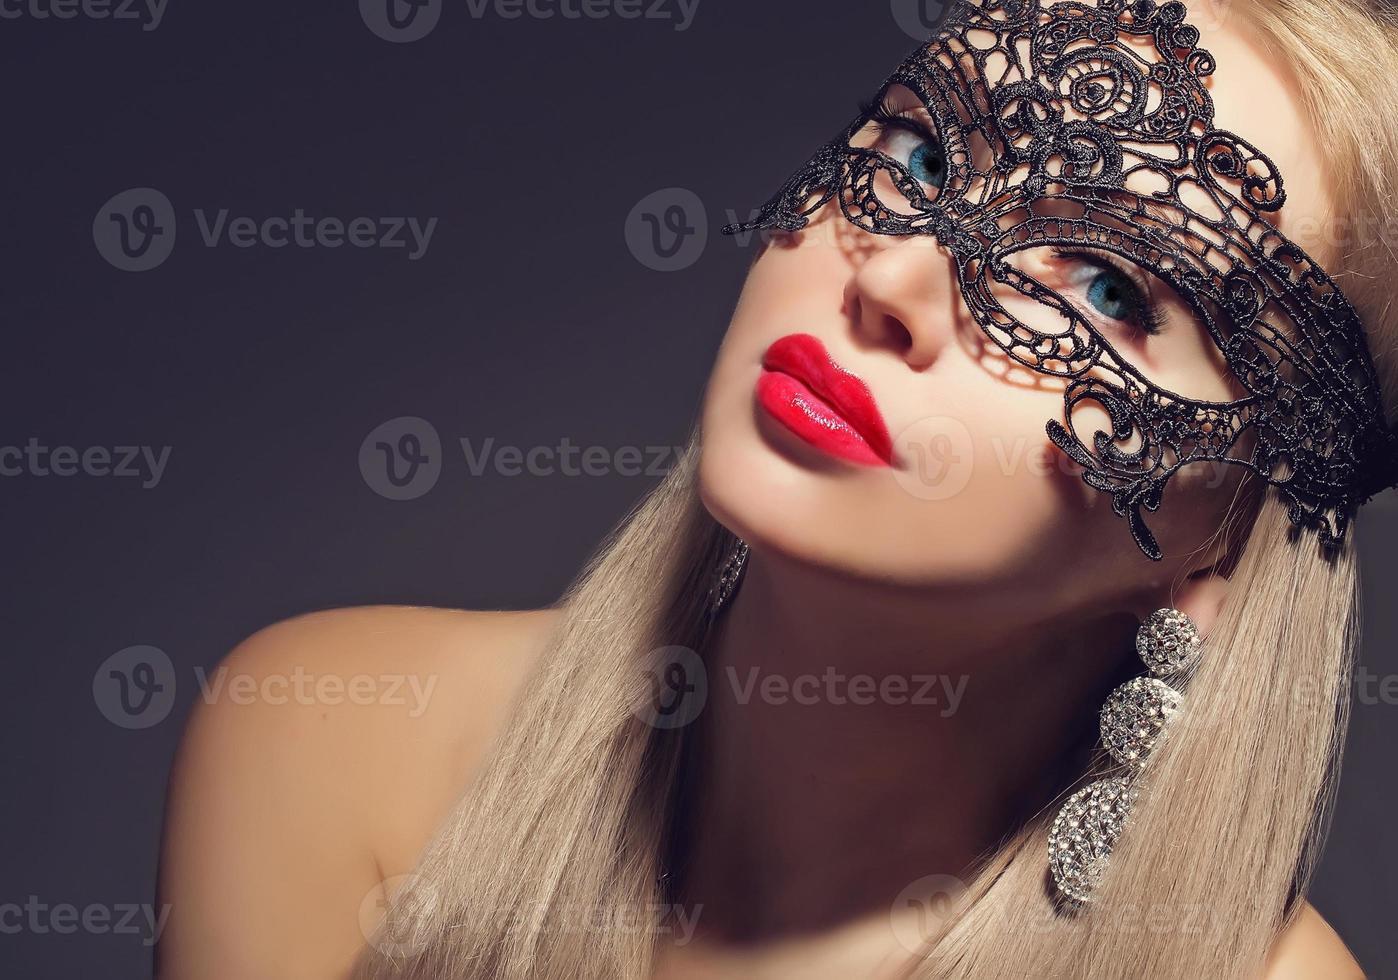 prachtige vrouw in carnaval masker foto